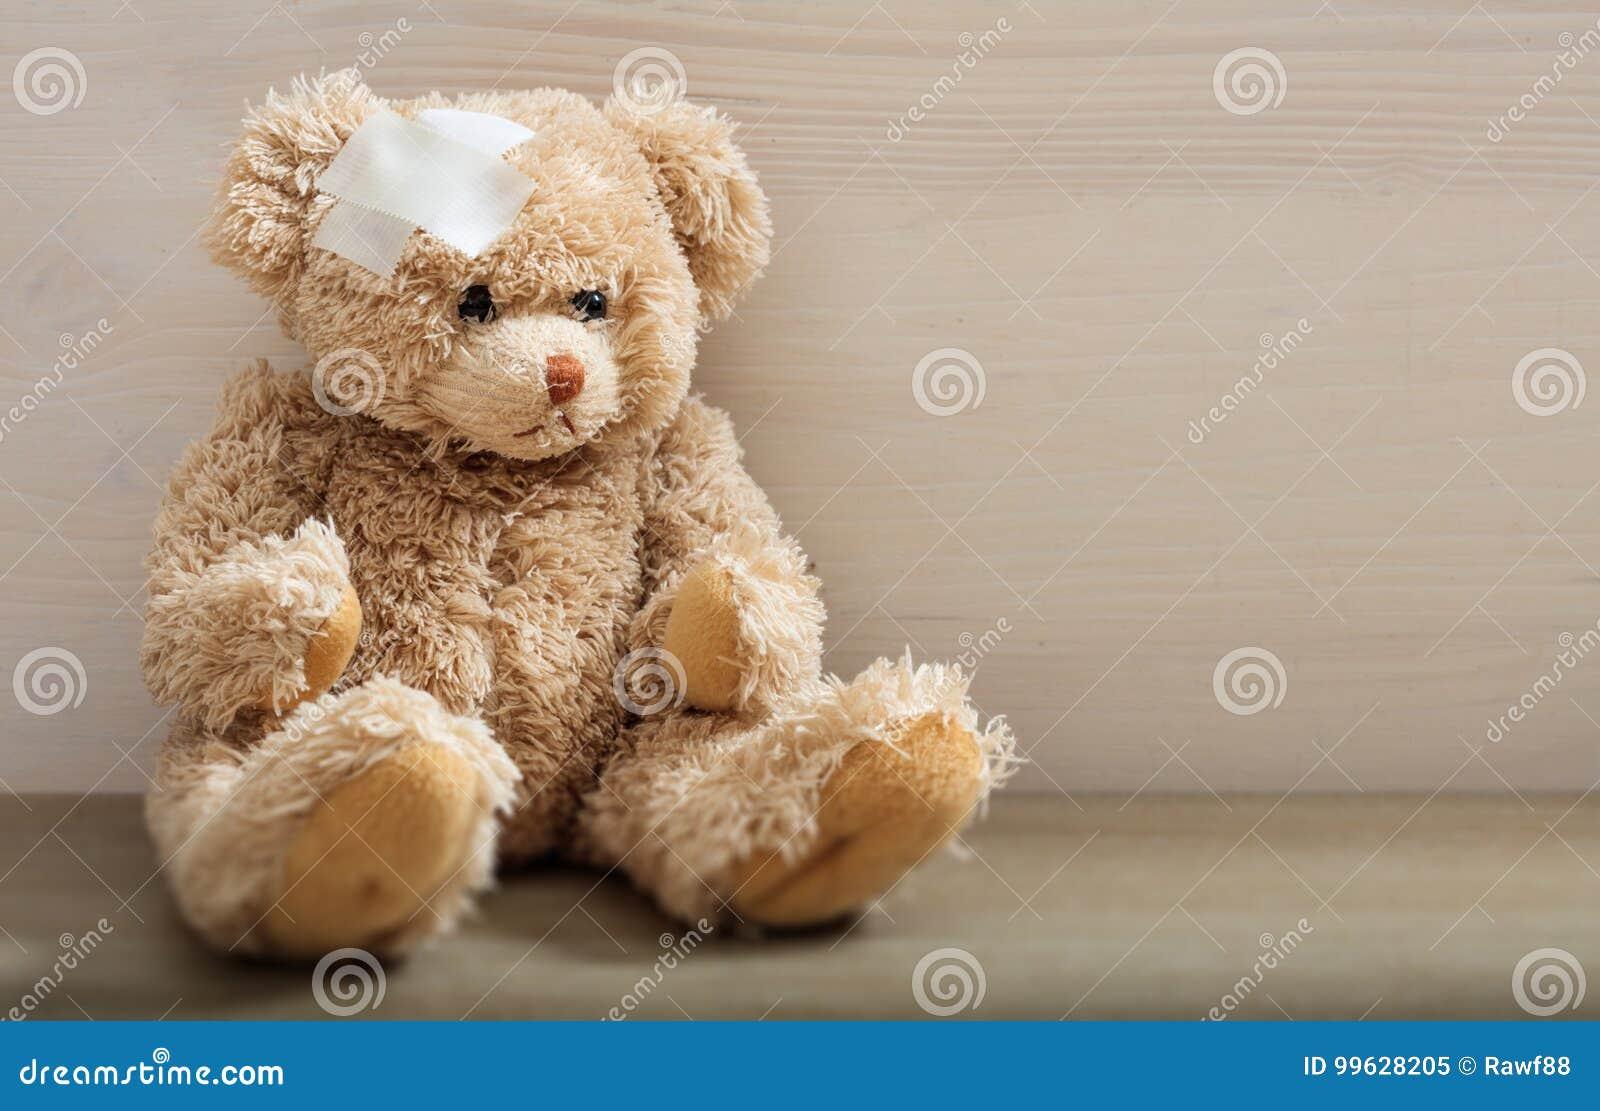 Το Teddy αφορά με τον επίδεσμο ένα ξύλινο πάτωμα